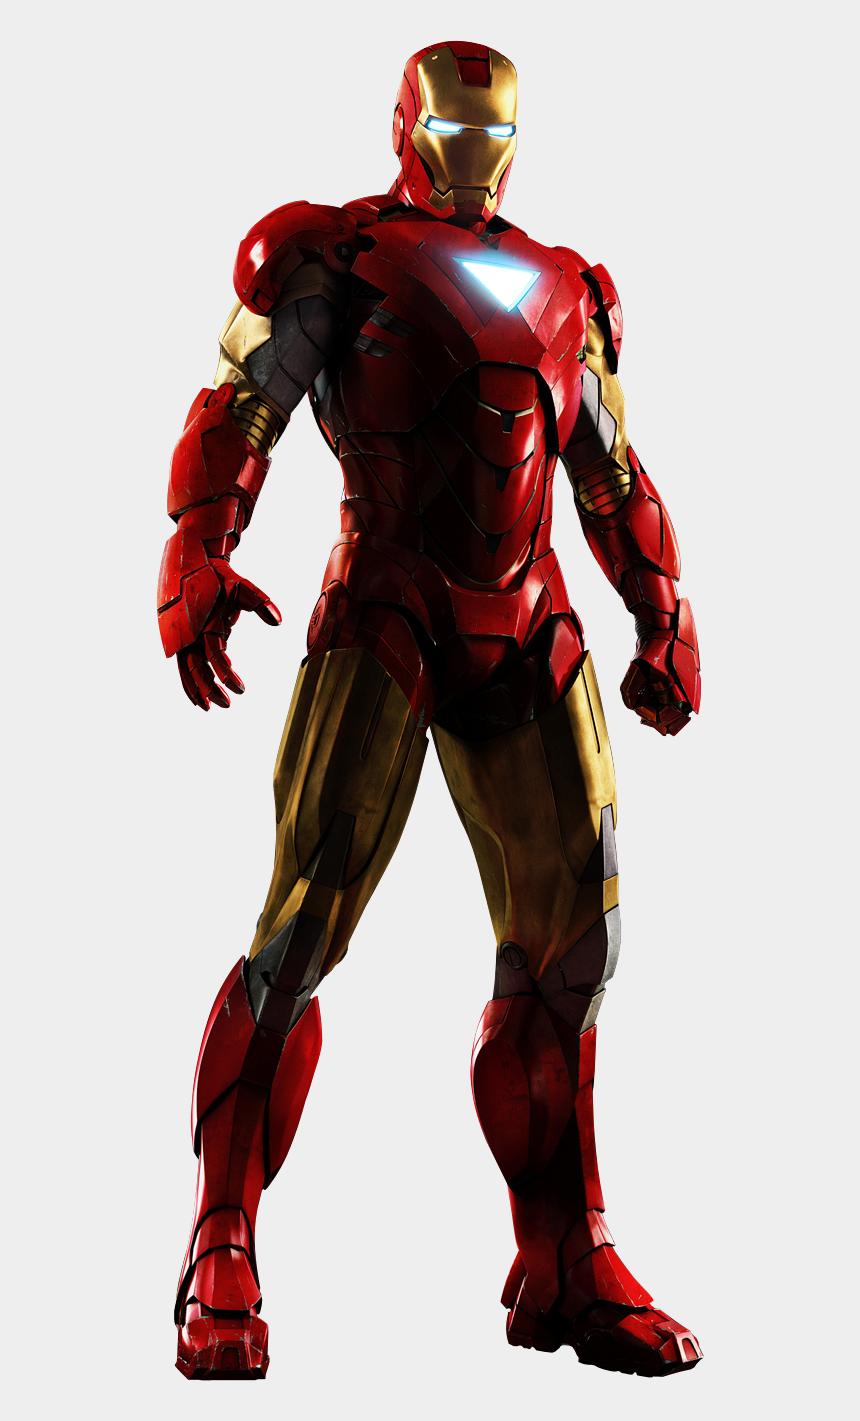 ironman clipart, Cartoons - Iron Man Armor Mark 6